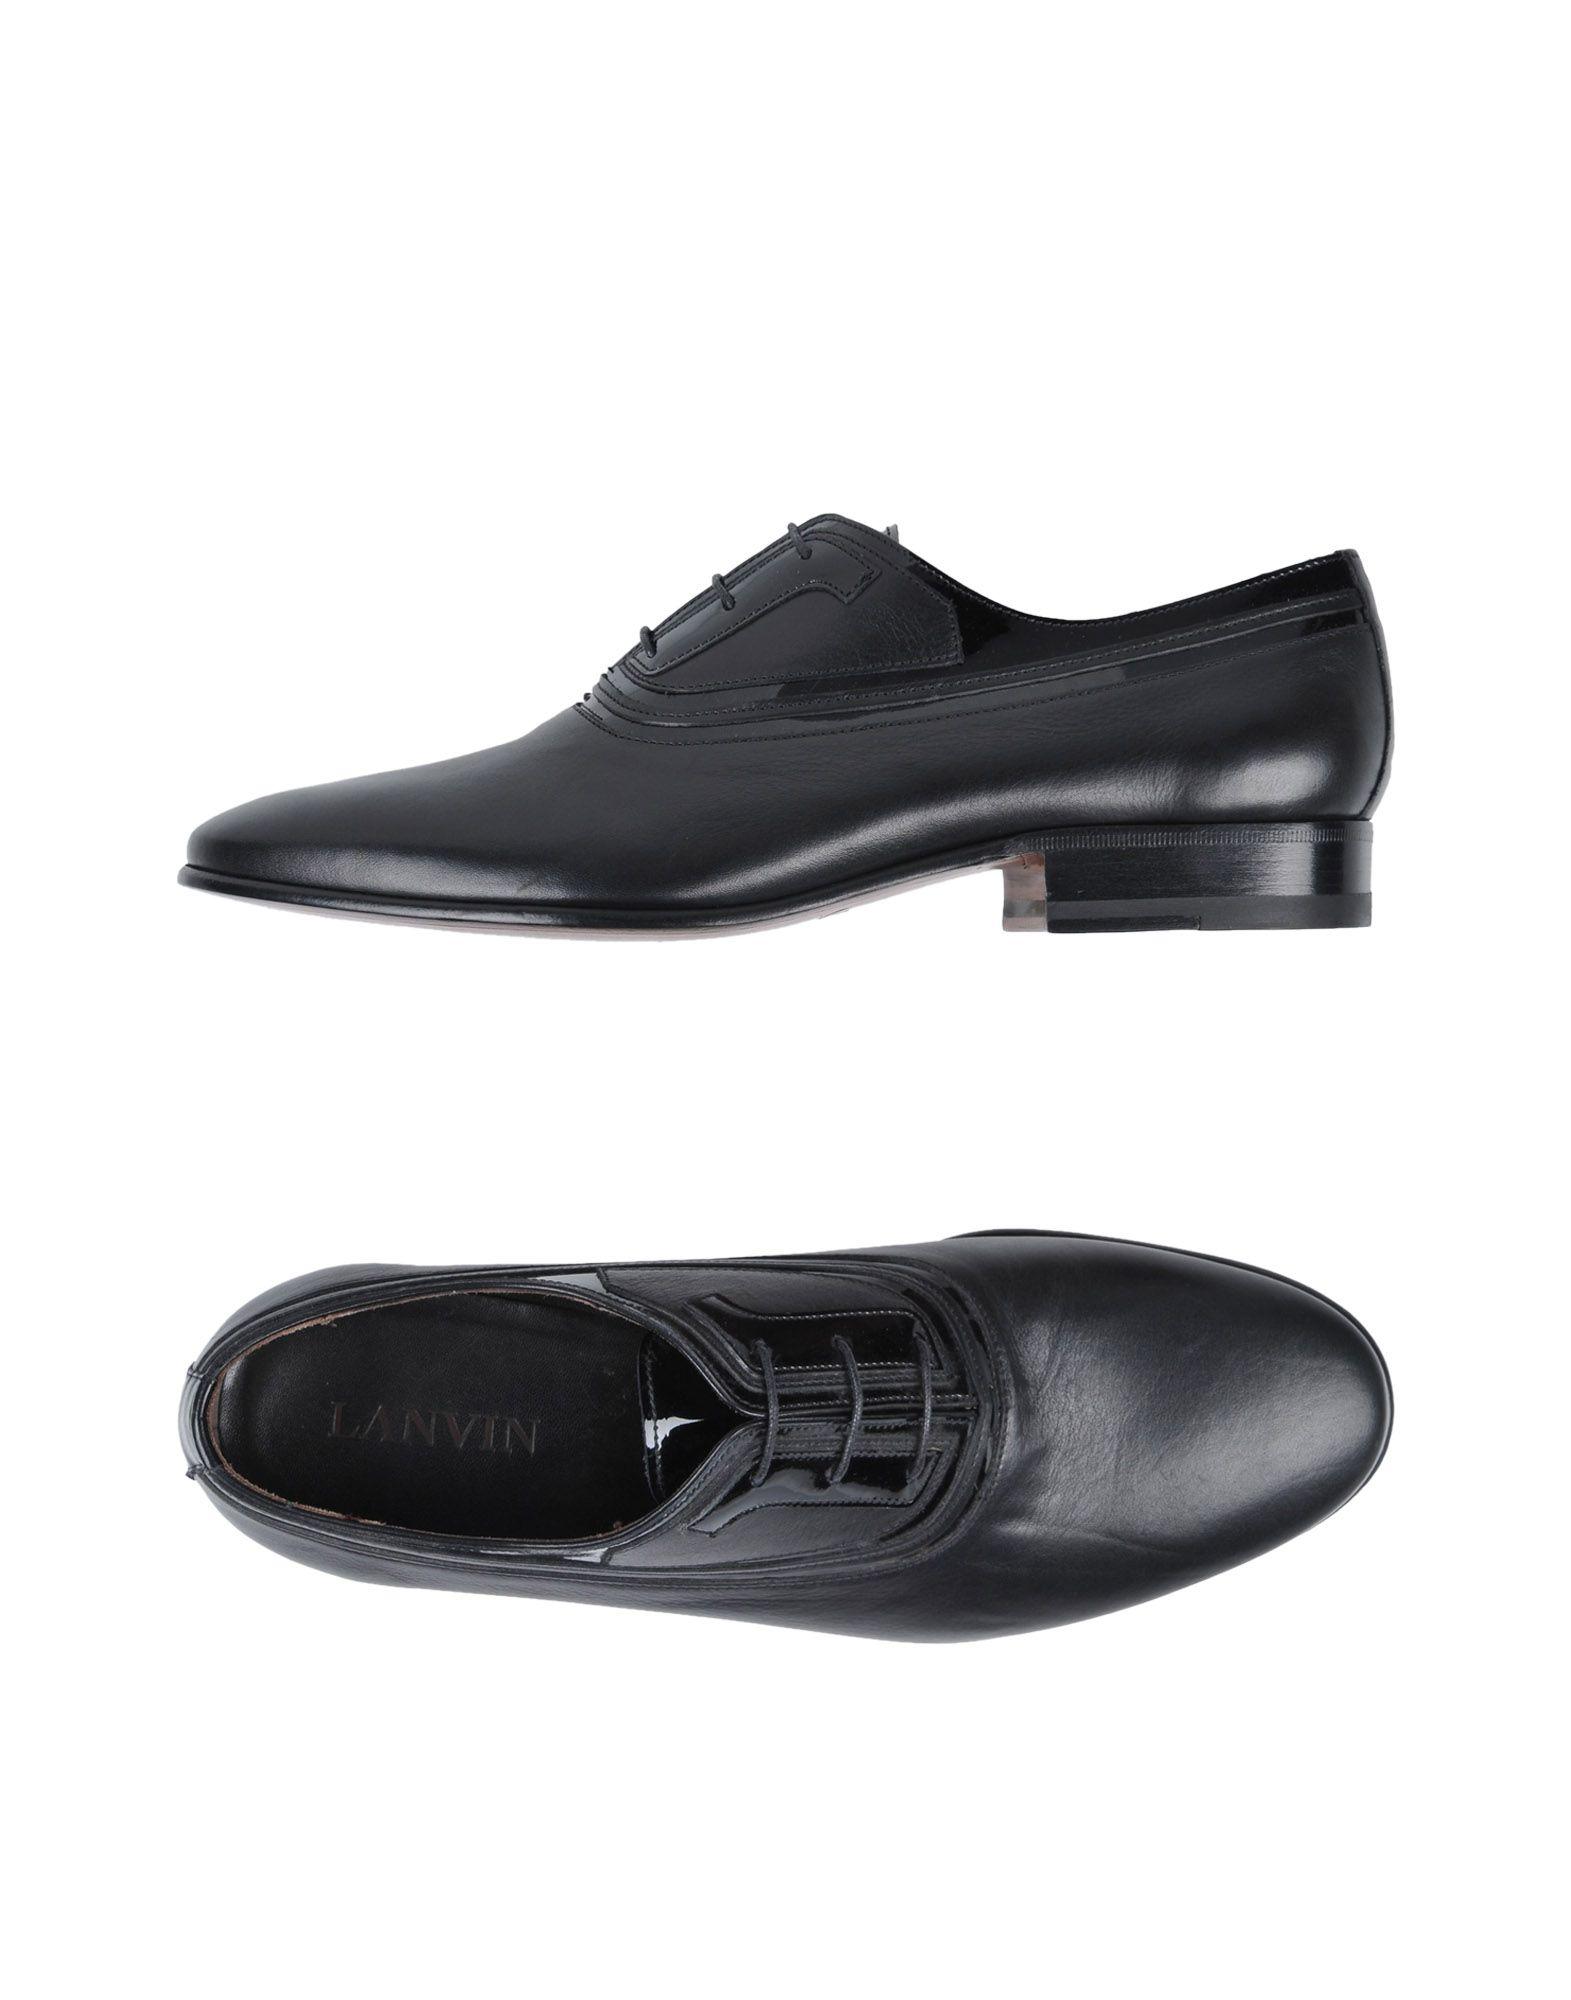 Lanvin Schnürschuhe Herren  11481257MG Gute Qualität beliebte Schuhe